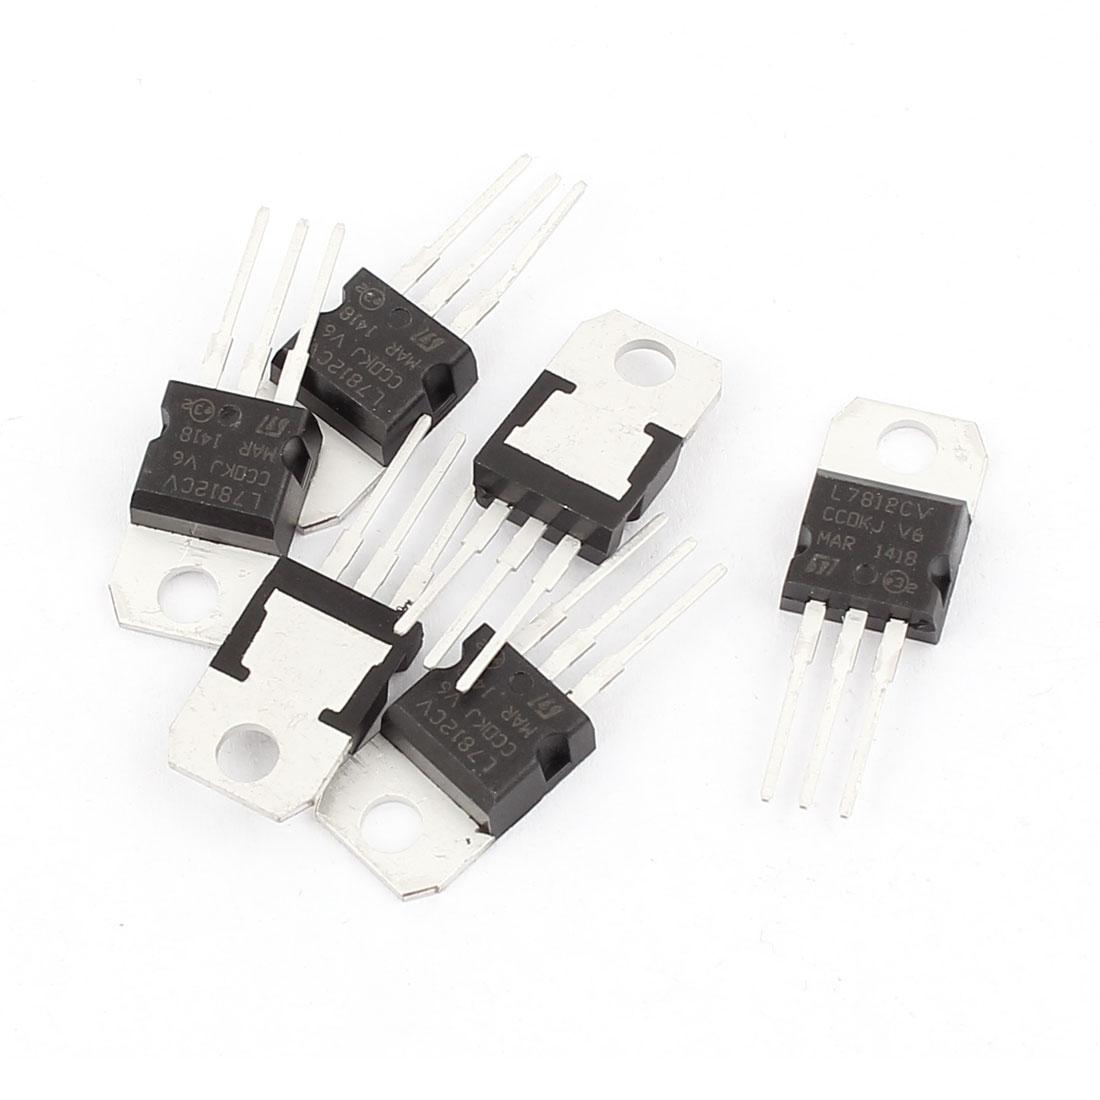 6 Pcs 12V 1A 3 Pin Terminals L7812CV Positive Voltage Regulator TO-220